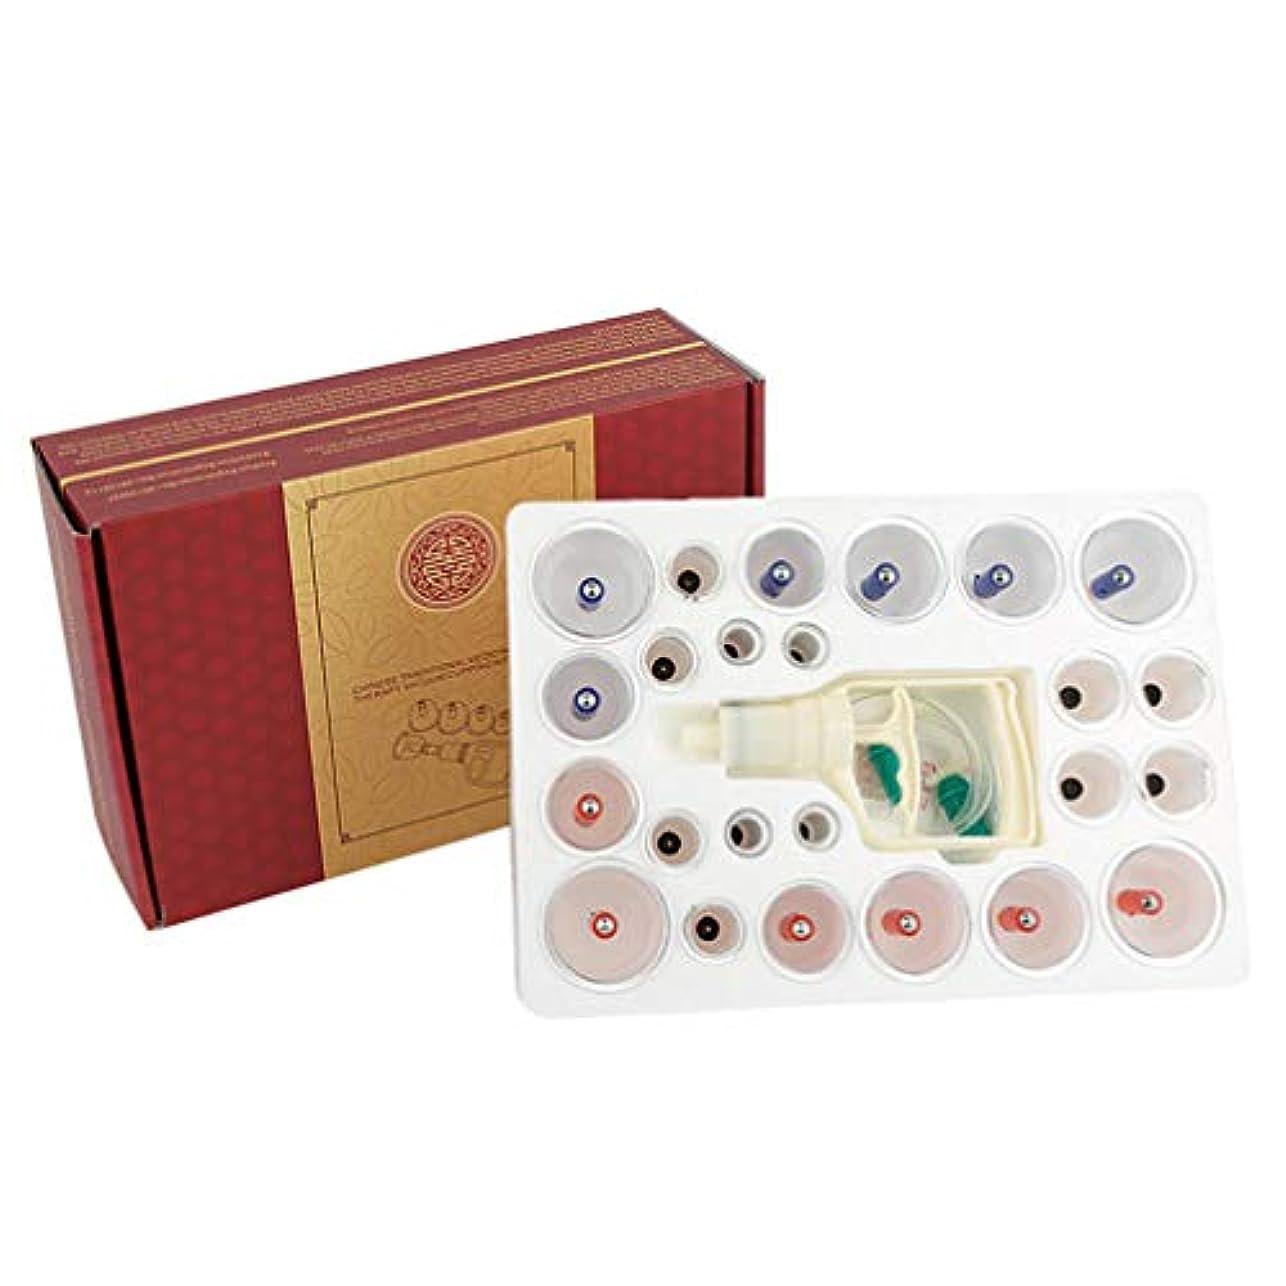 理解するボーカル当社カッピングセラピーセット、背中/首の痛み、減量、筋肉の軽減のための24の真空のカッピングカップの生物磁気の伝統的な中国療法